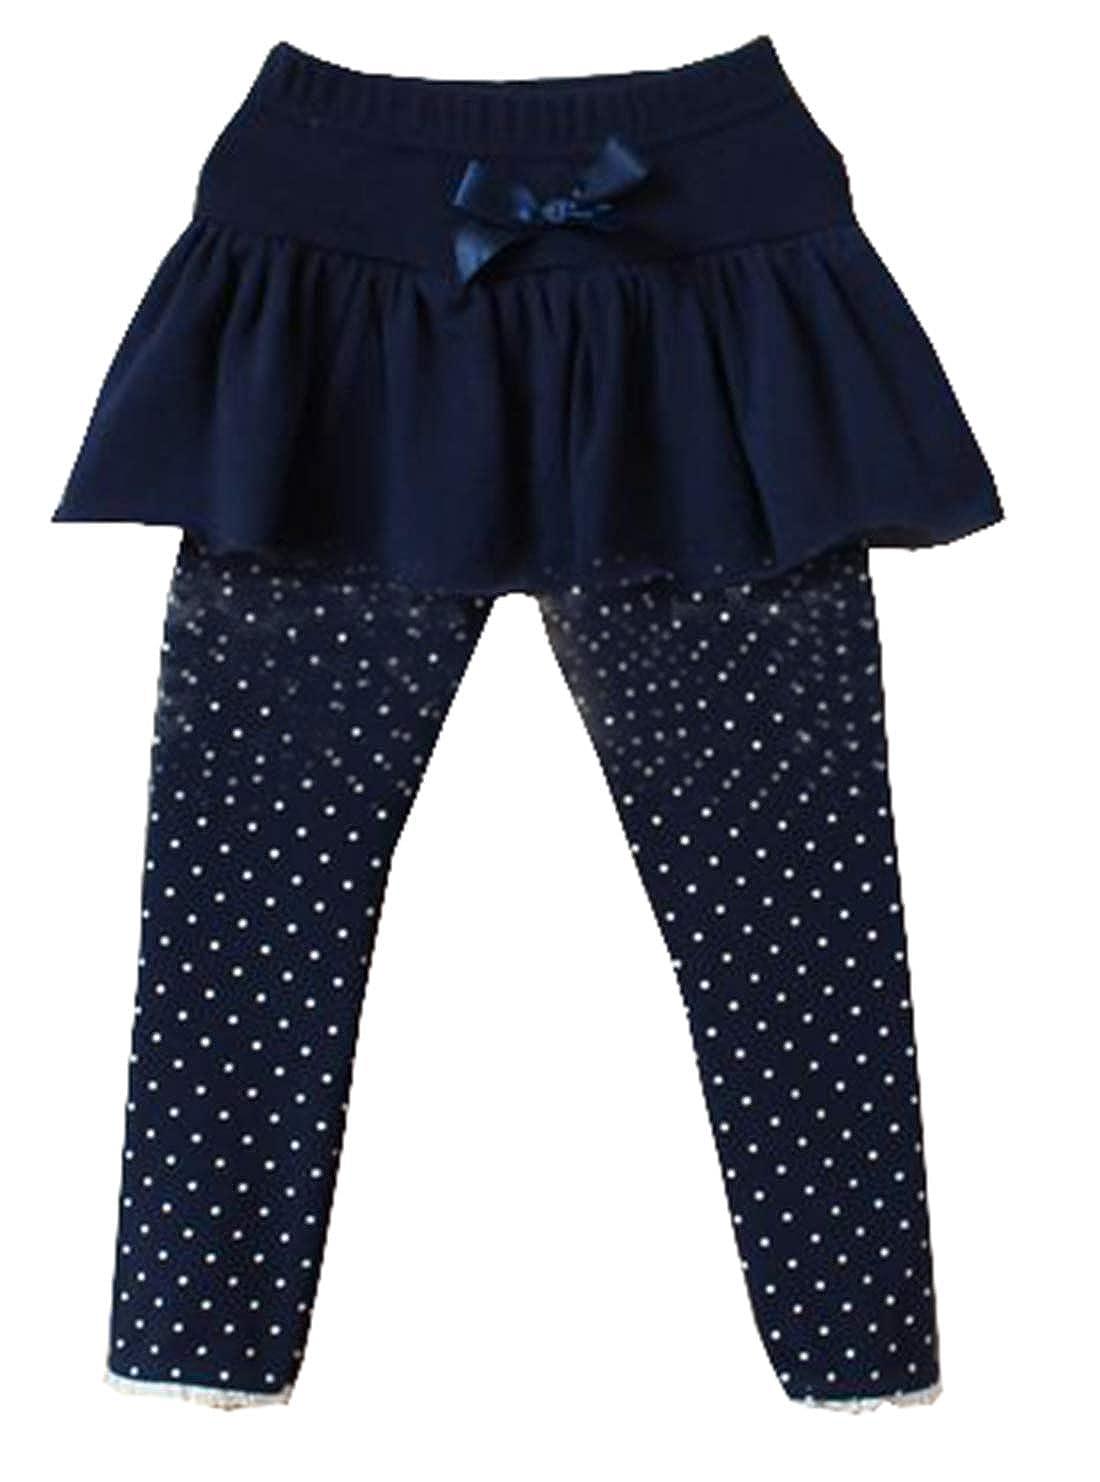 XNN Girls Cute Cotton Dot Skirted Tutu Leggings Pantskirt 3-8Years